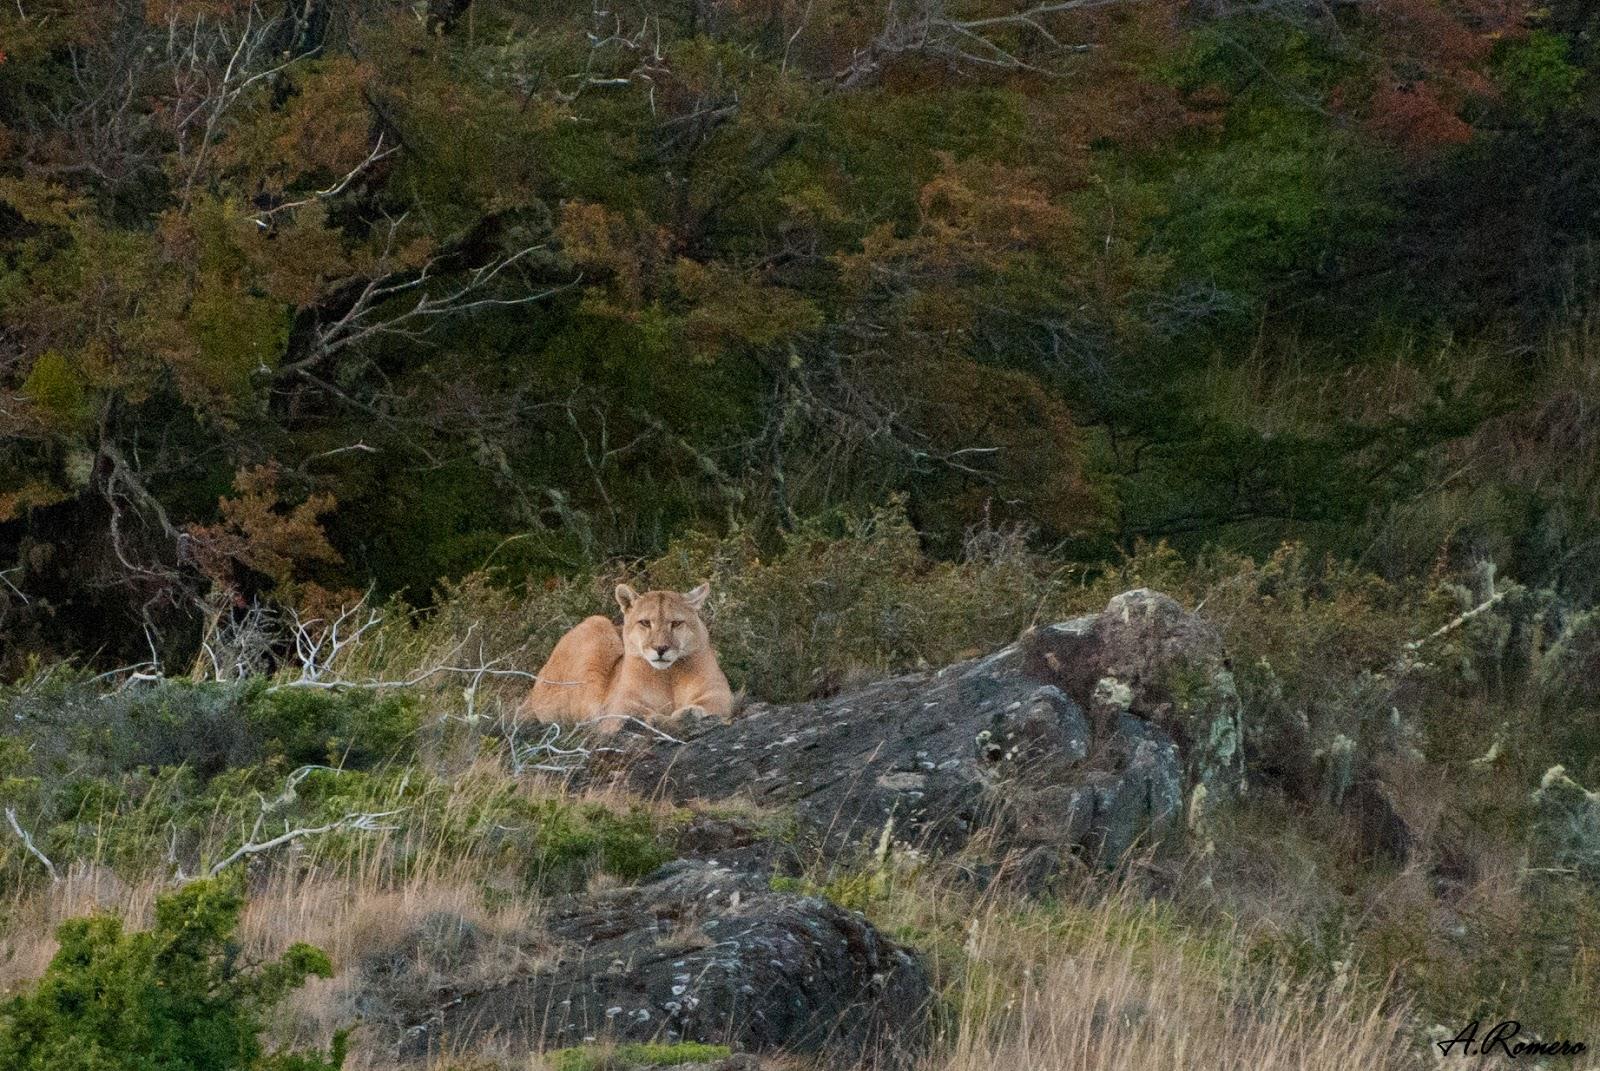 Pasan la mayor parte del día descansando en lugares protegidos y con buena visibilidad, llevando a cabo sus cacerías durante las últimas horas del día o al amanecer. Parque Nacional Torres del Paine, Chile.